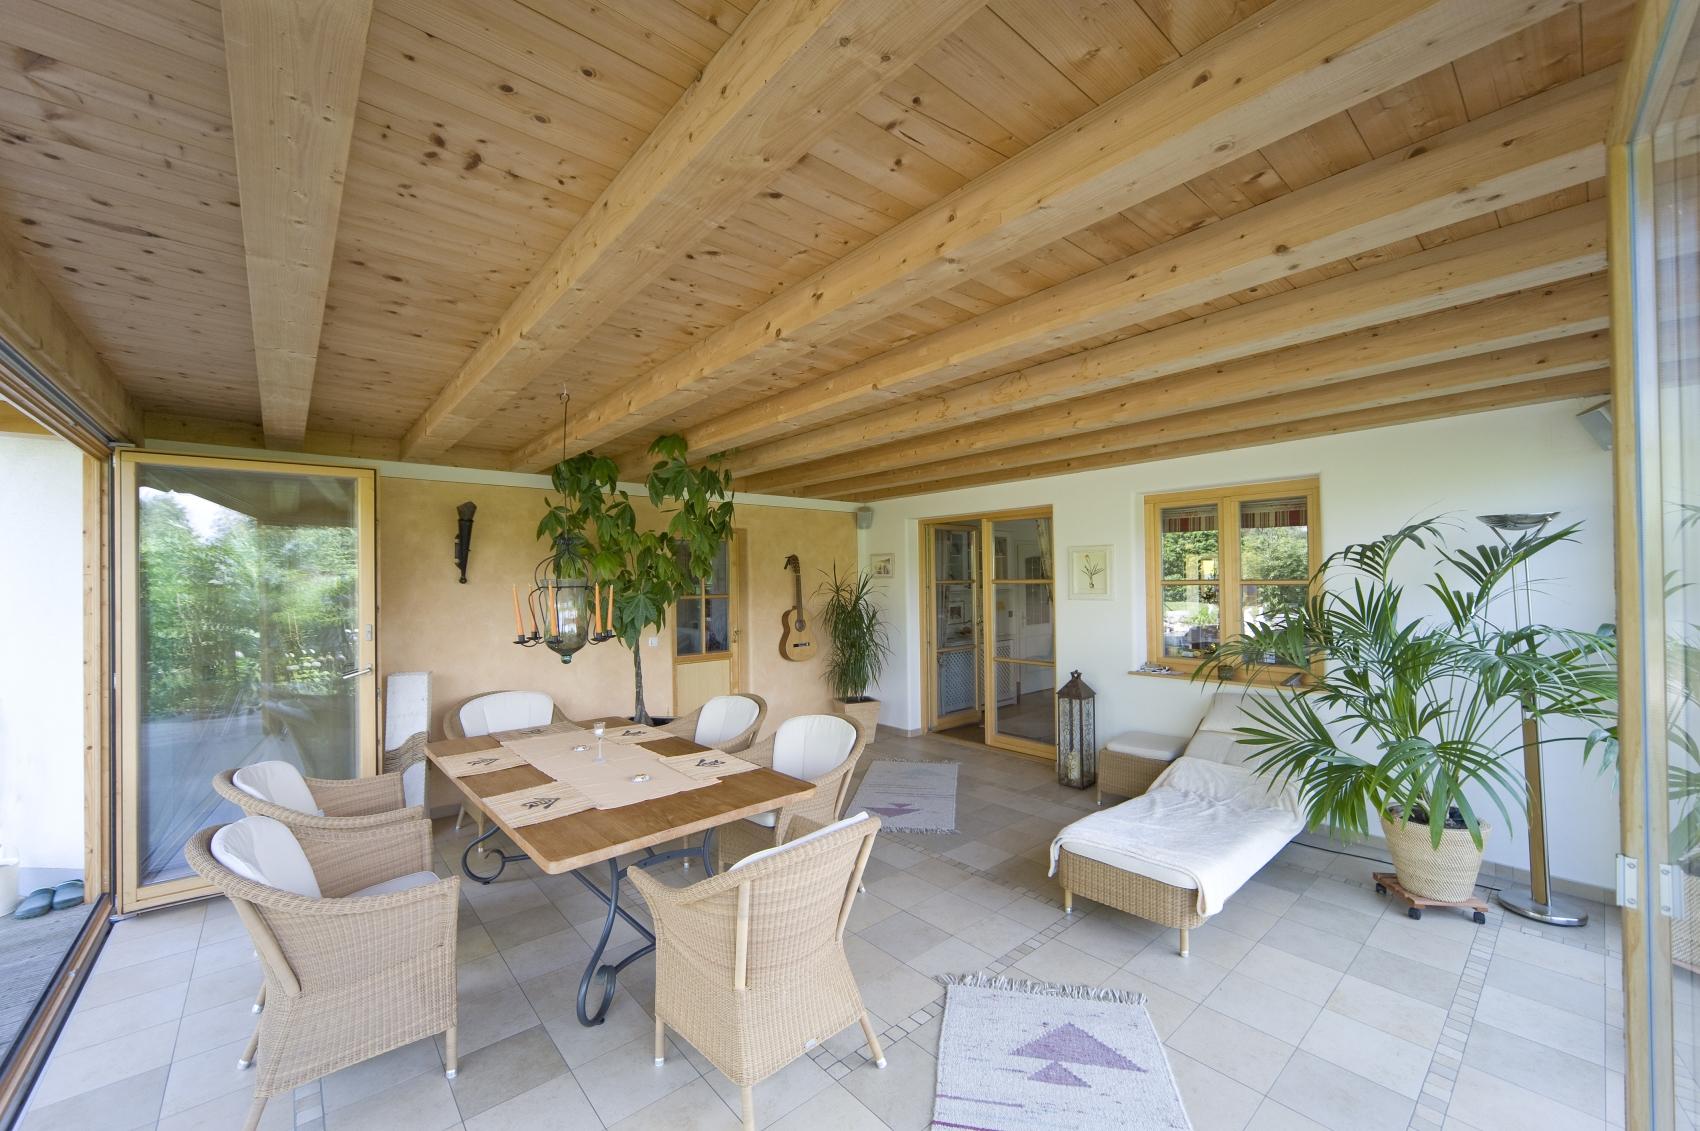 holzlehmhaus planen und bauen k hldorfner holzbau gmbh. Black Bedroom Furniture Sets. Home Design Ideas